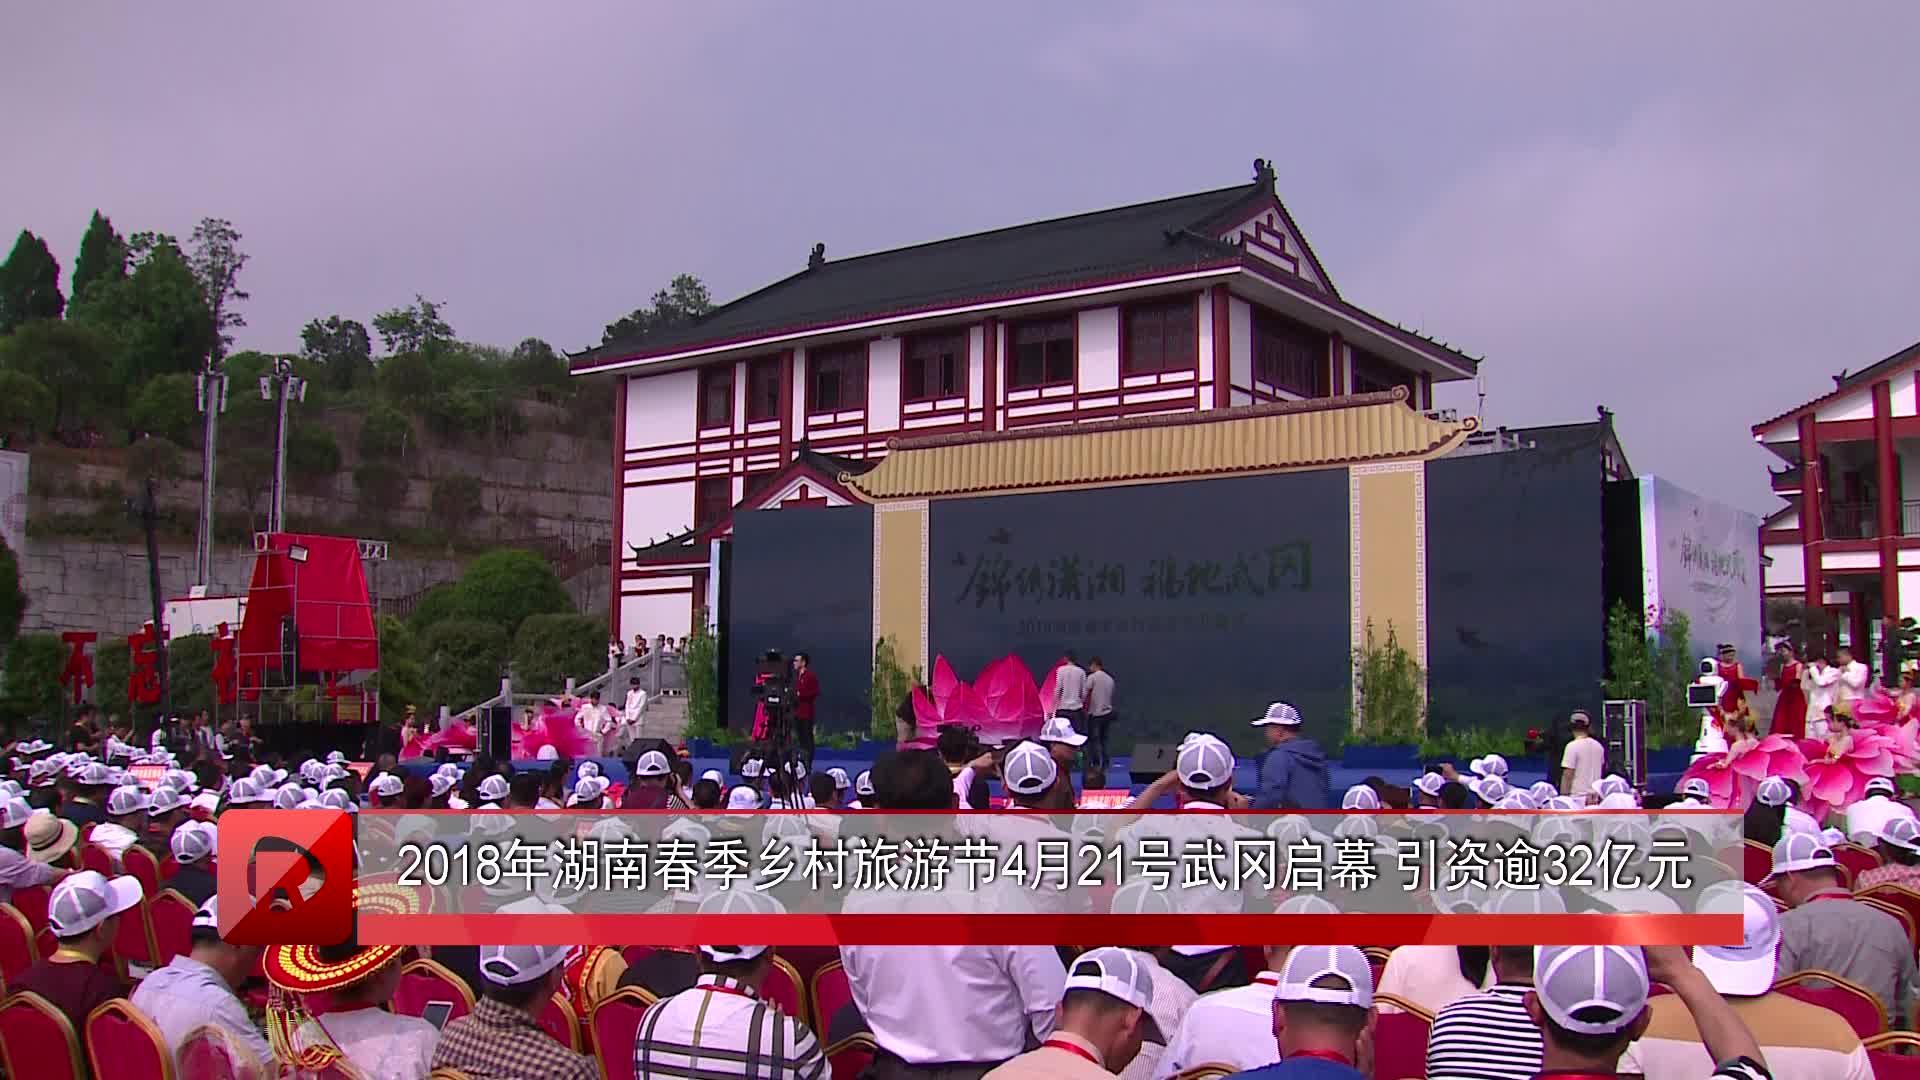 2018年湖南春季乡村旅游节4月21号武冈启幕 引资逾32亿元